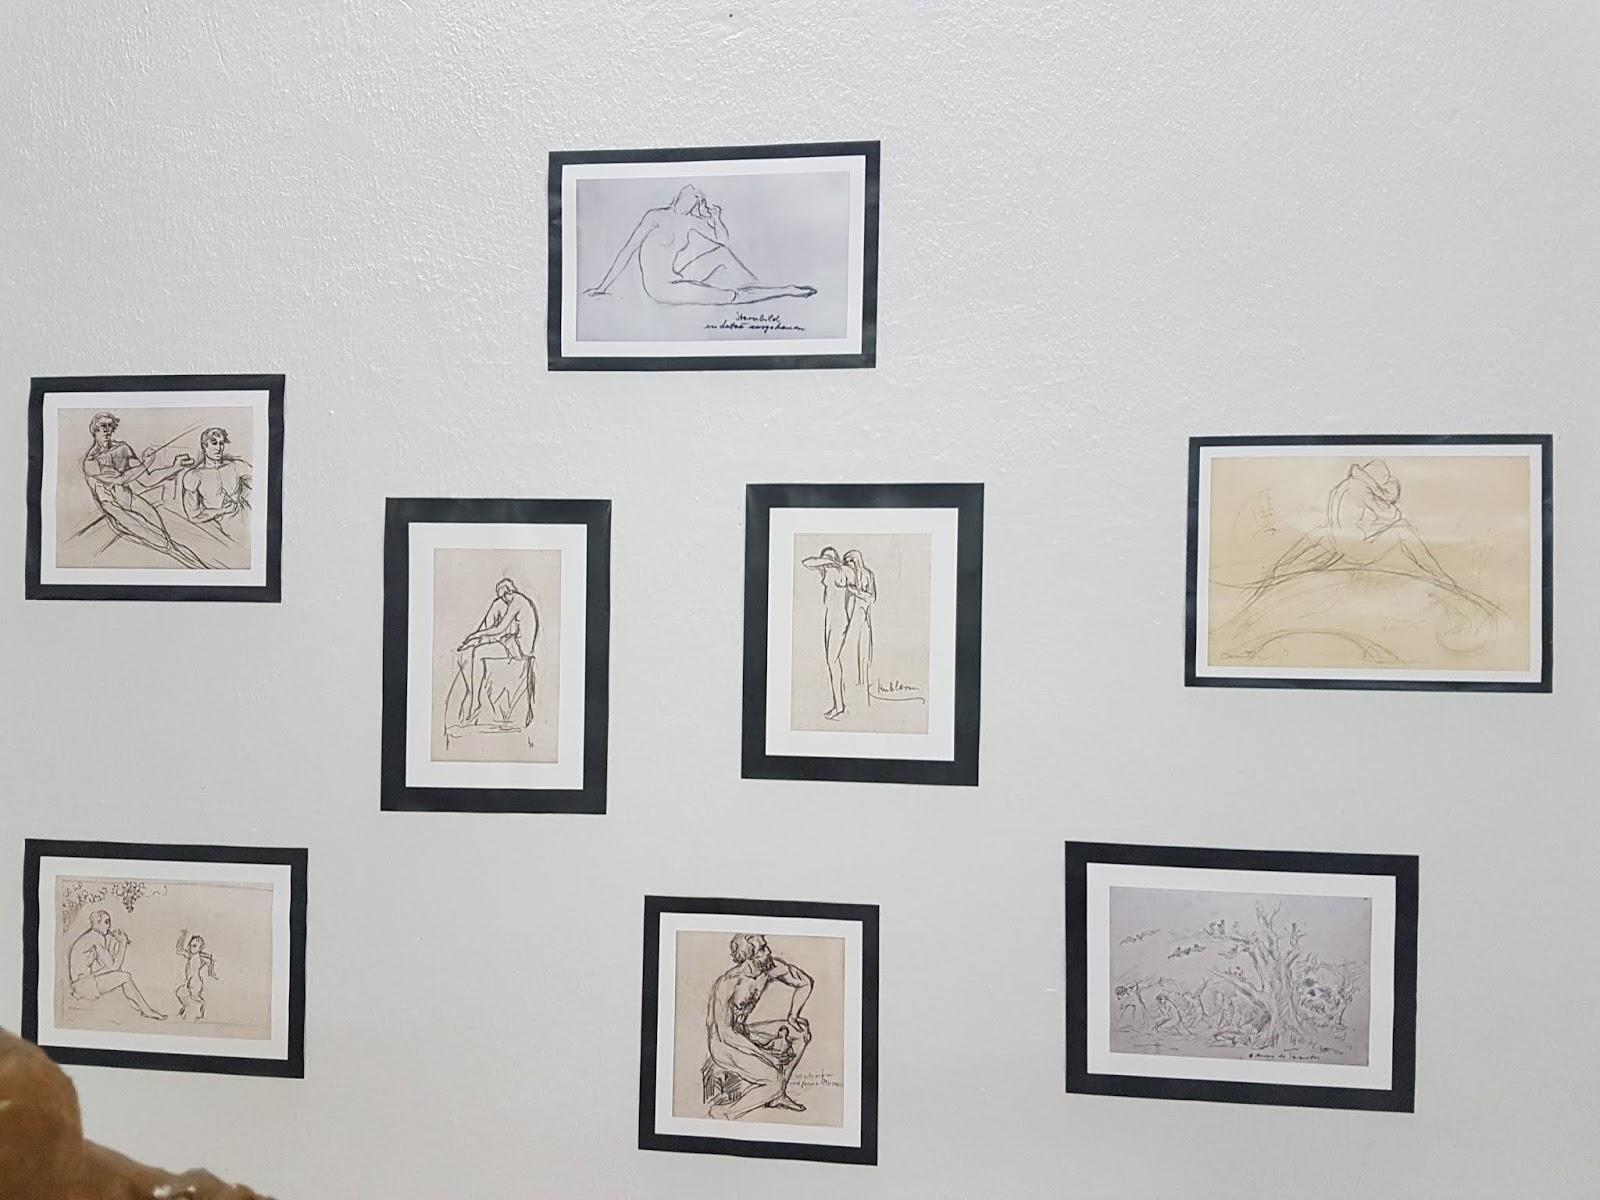 af6a7e9182 Confira algumas fotos da exposição